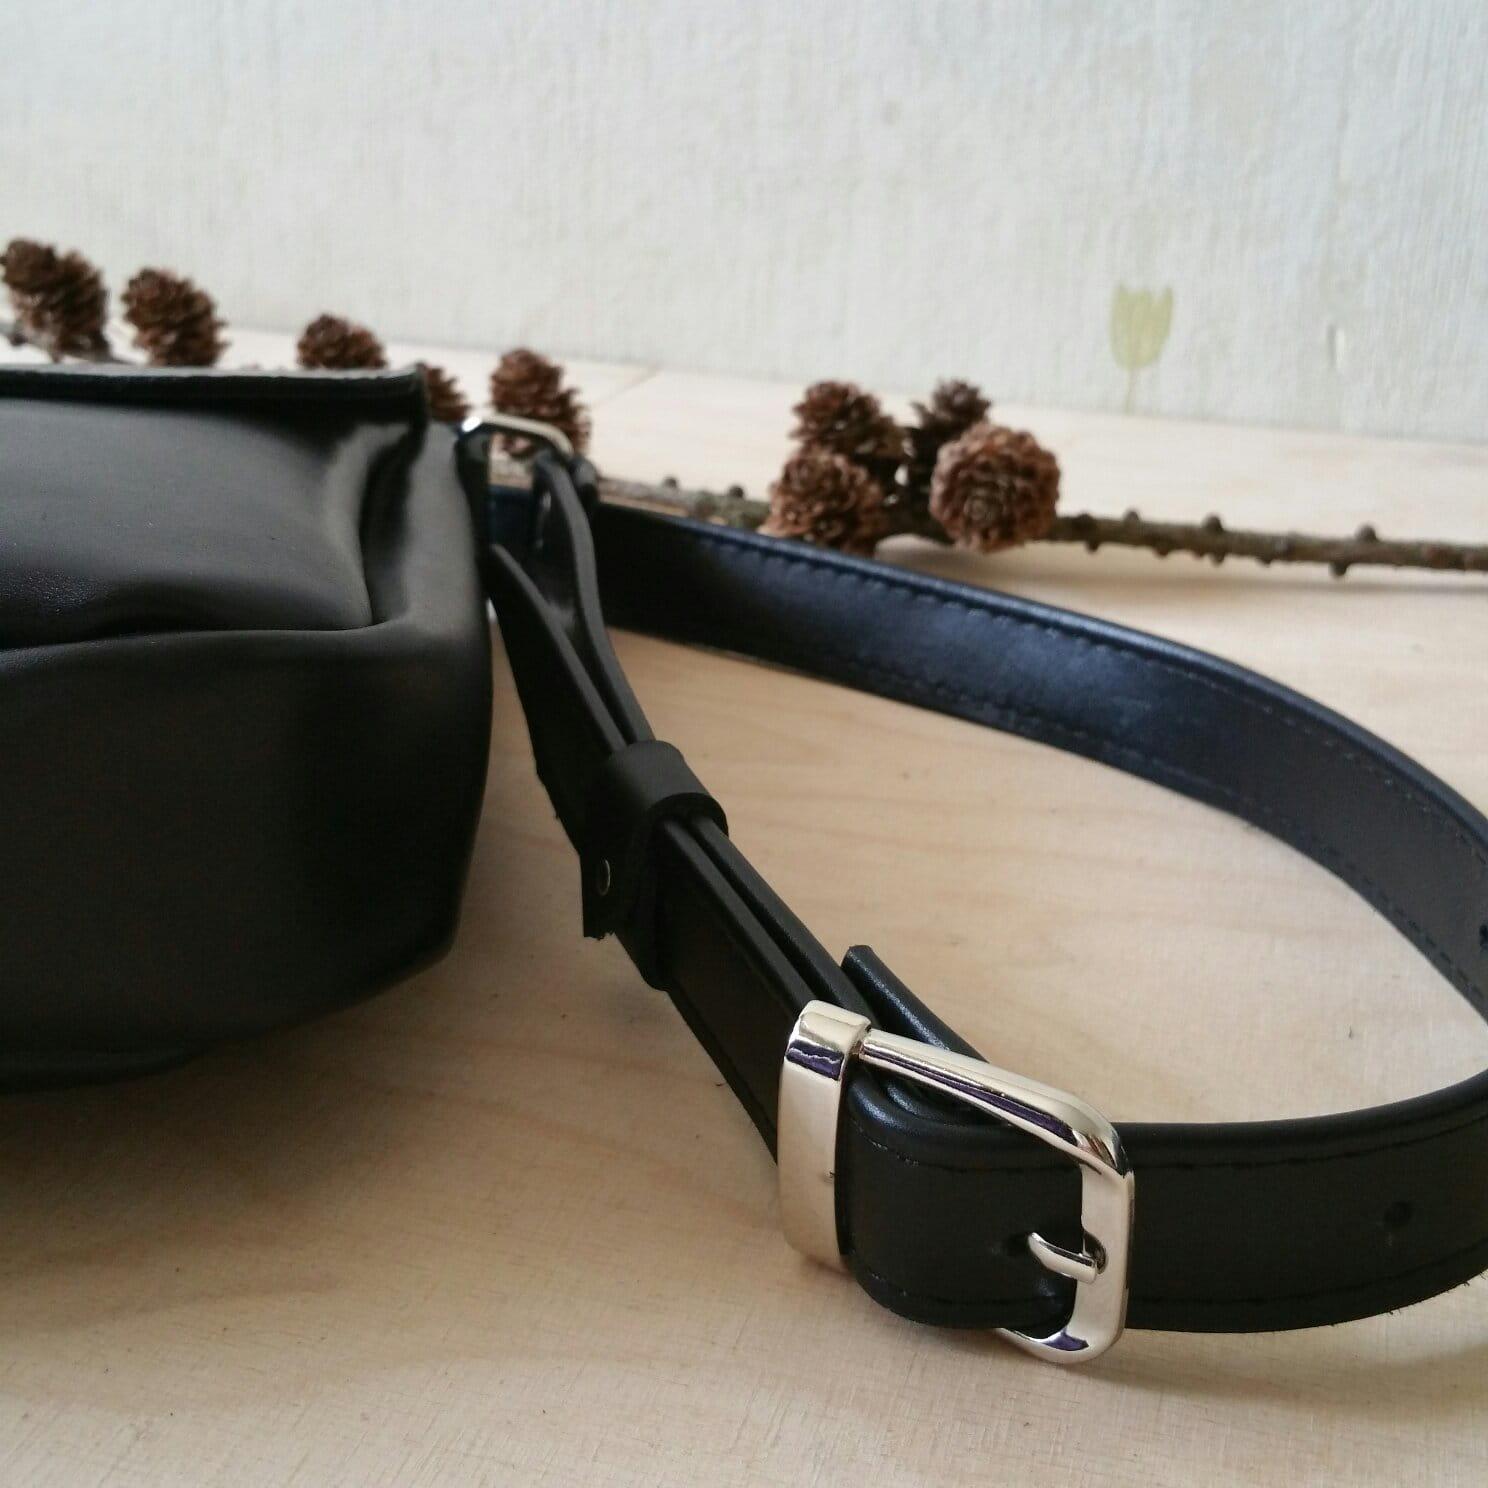 Torebka RETRO - czarna - klapa KROKODYL ( okucia srebrne ) - ZOSIA Z LASU | JestemSlow.pl